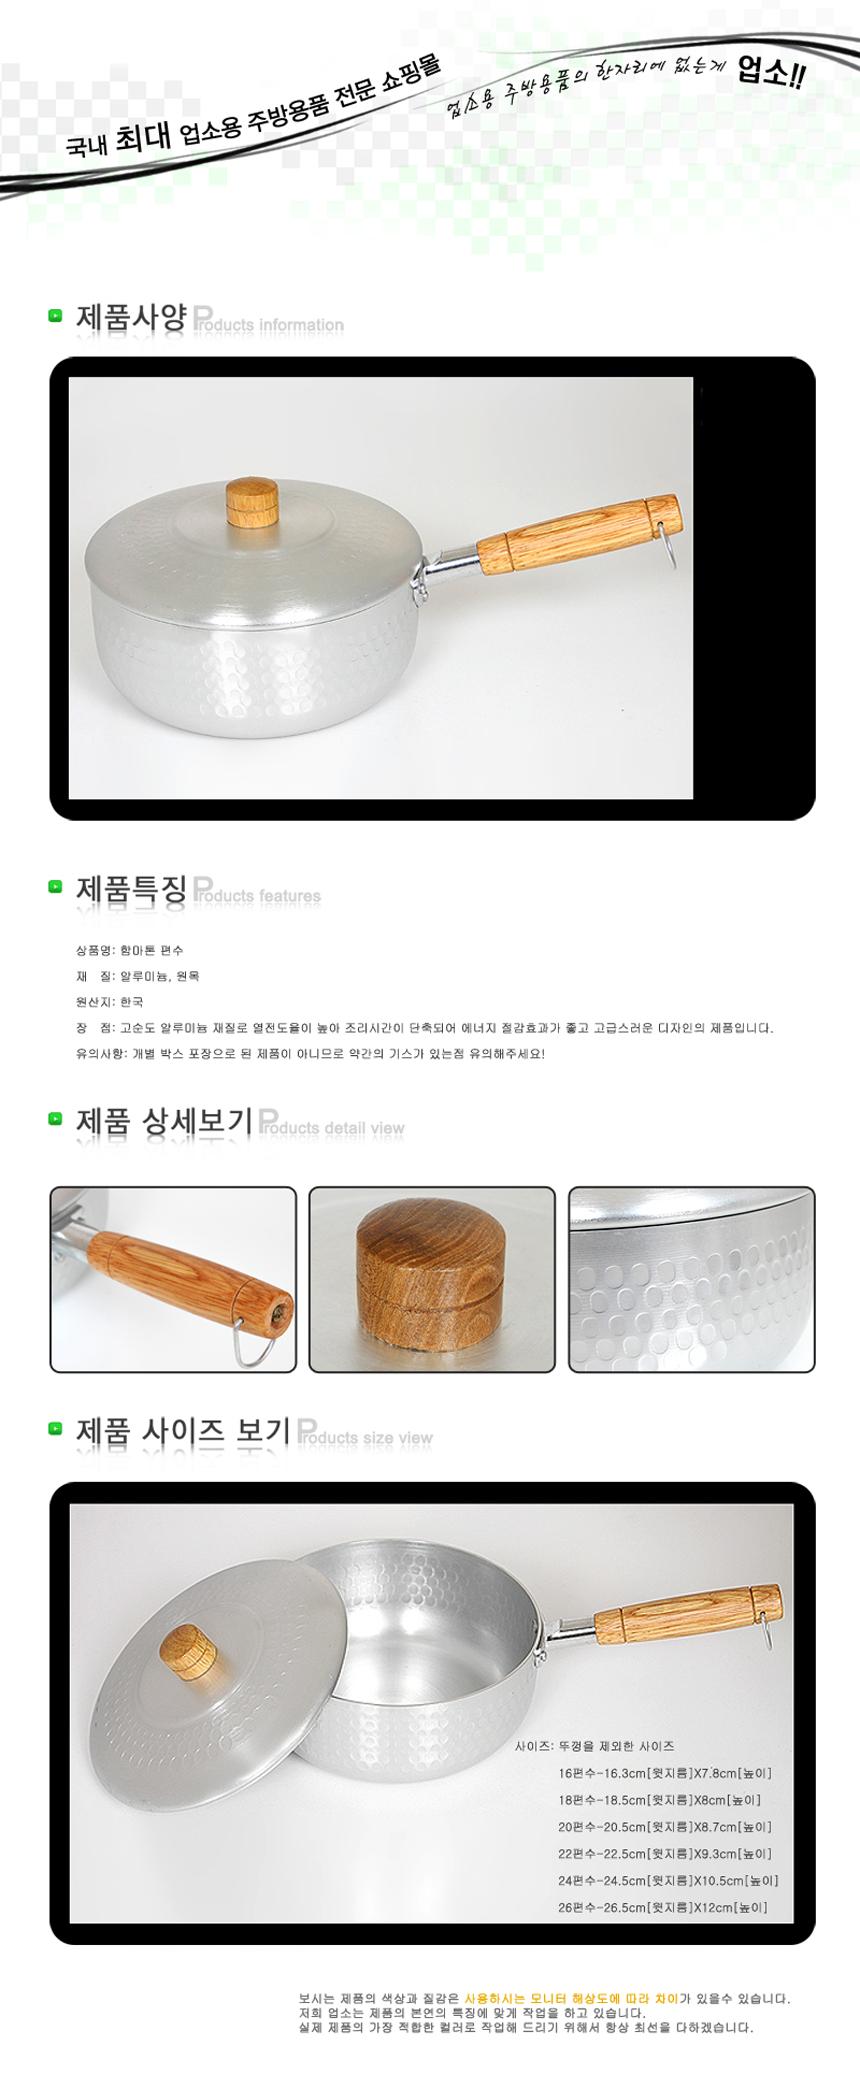 알루미늄 함마톤 편수냄비 20cm 라면냄비 편수냄비 업소냄비 부엌냄비 주방냄비